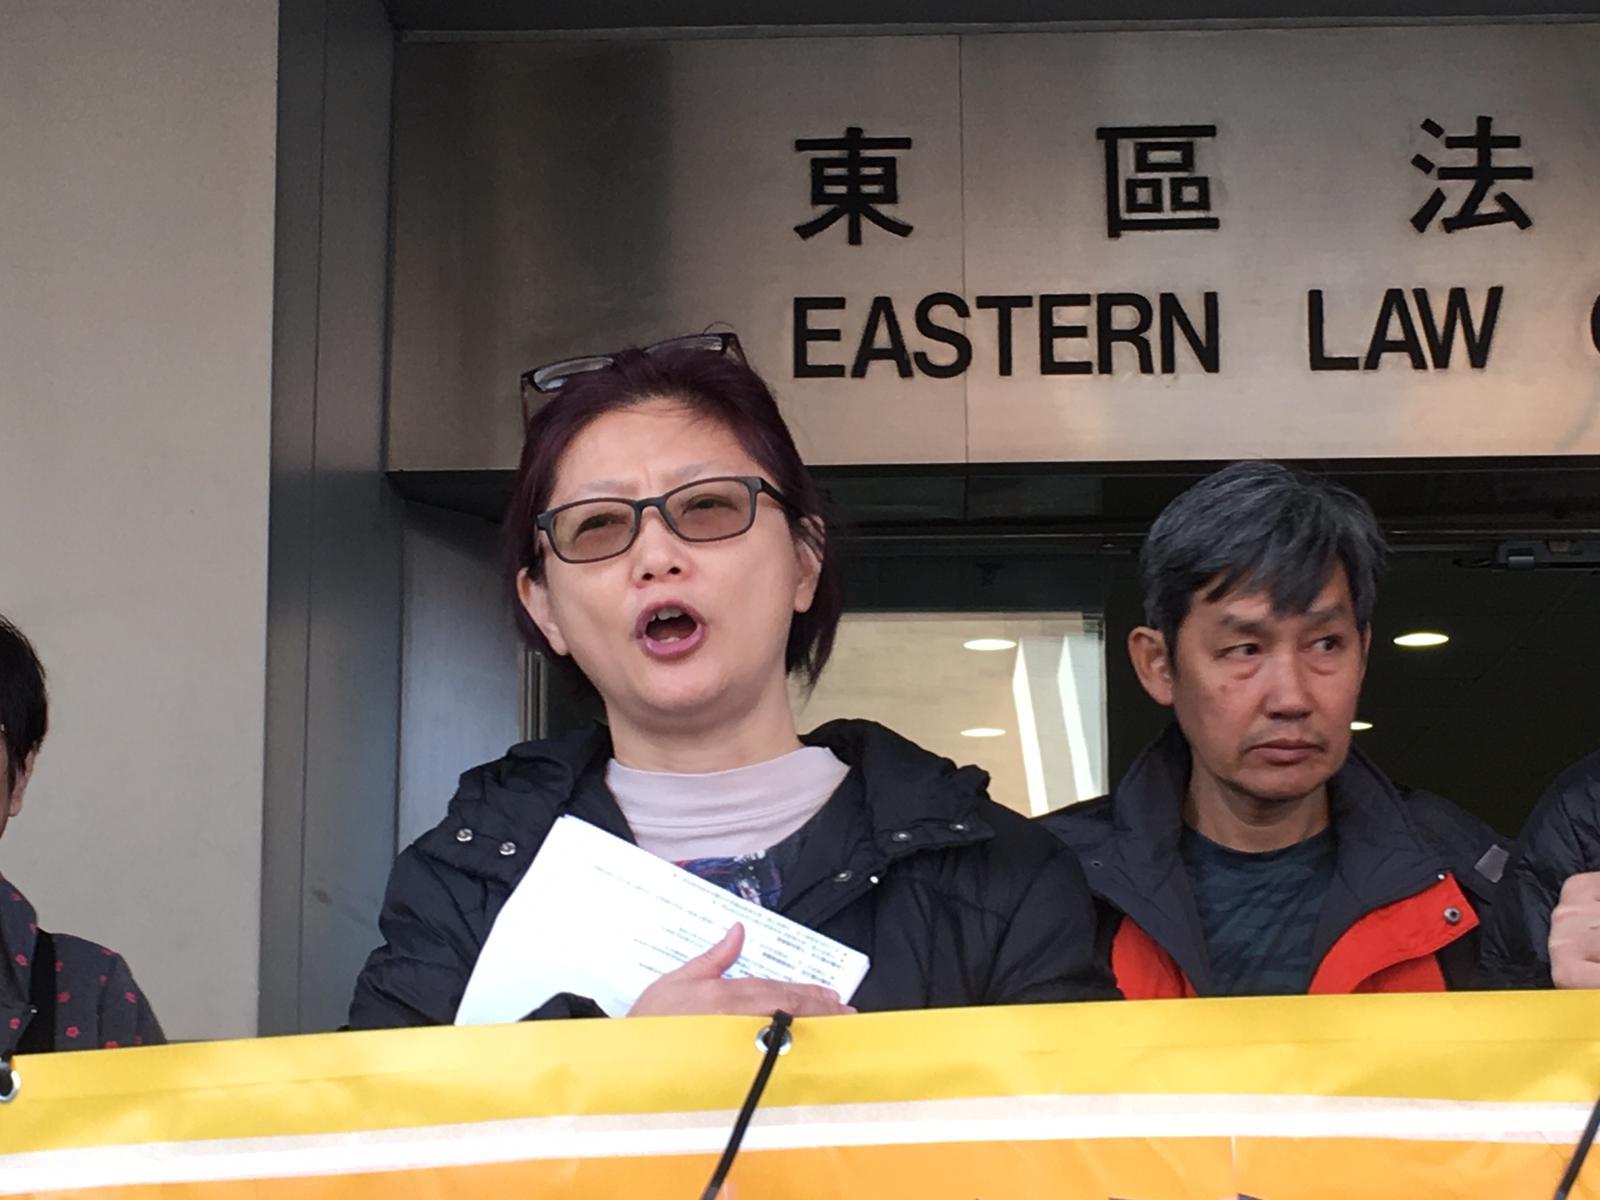 鳩嗚團成員錢寶芬案件3月再訊。